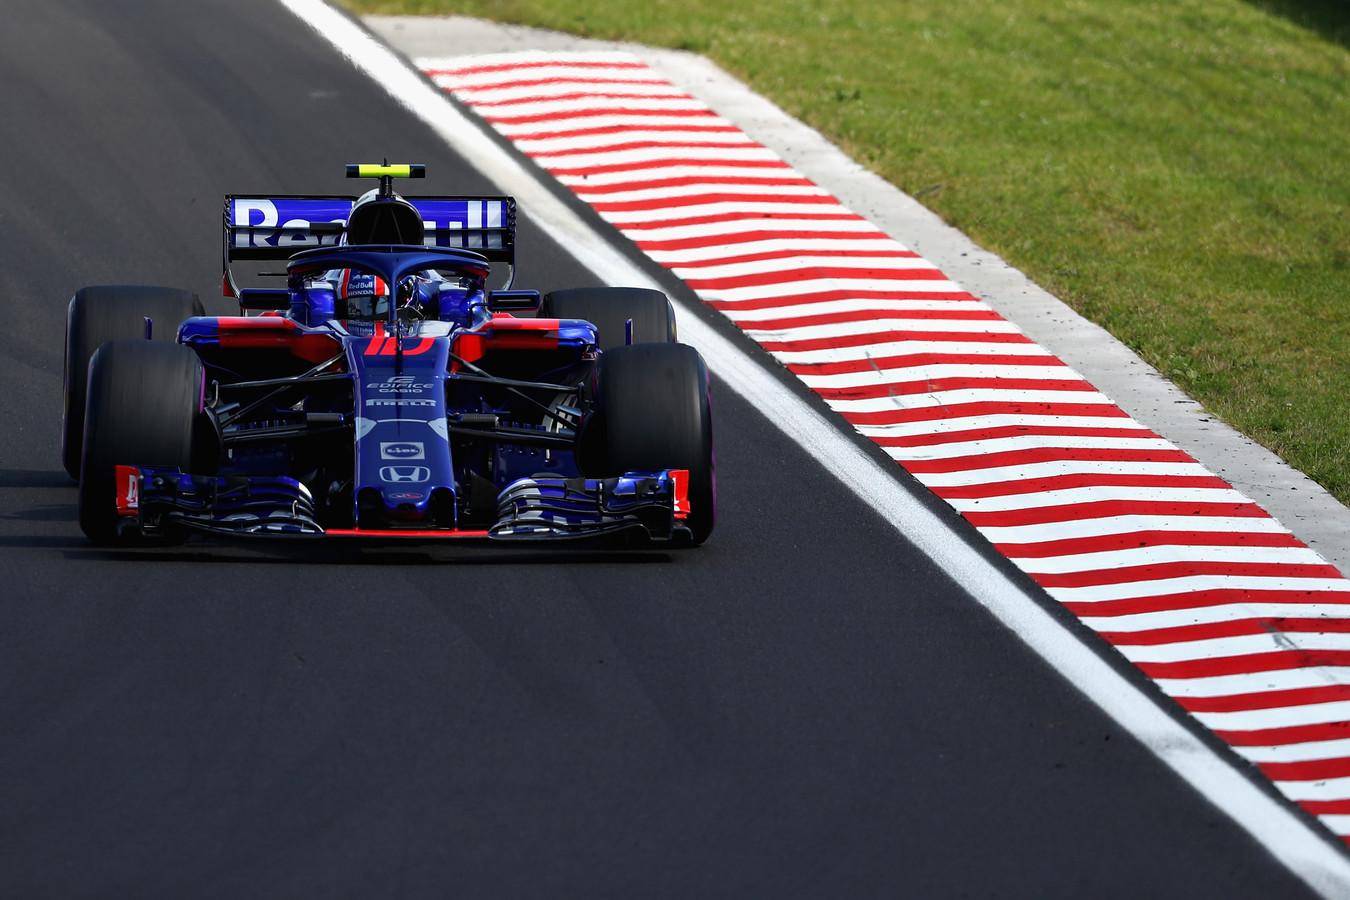 Pierre Gasly haalde in Hongarije het beste seizoensresultaat van Toro Rosso met een zesde plaats